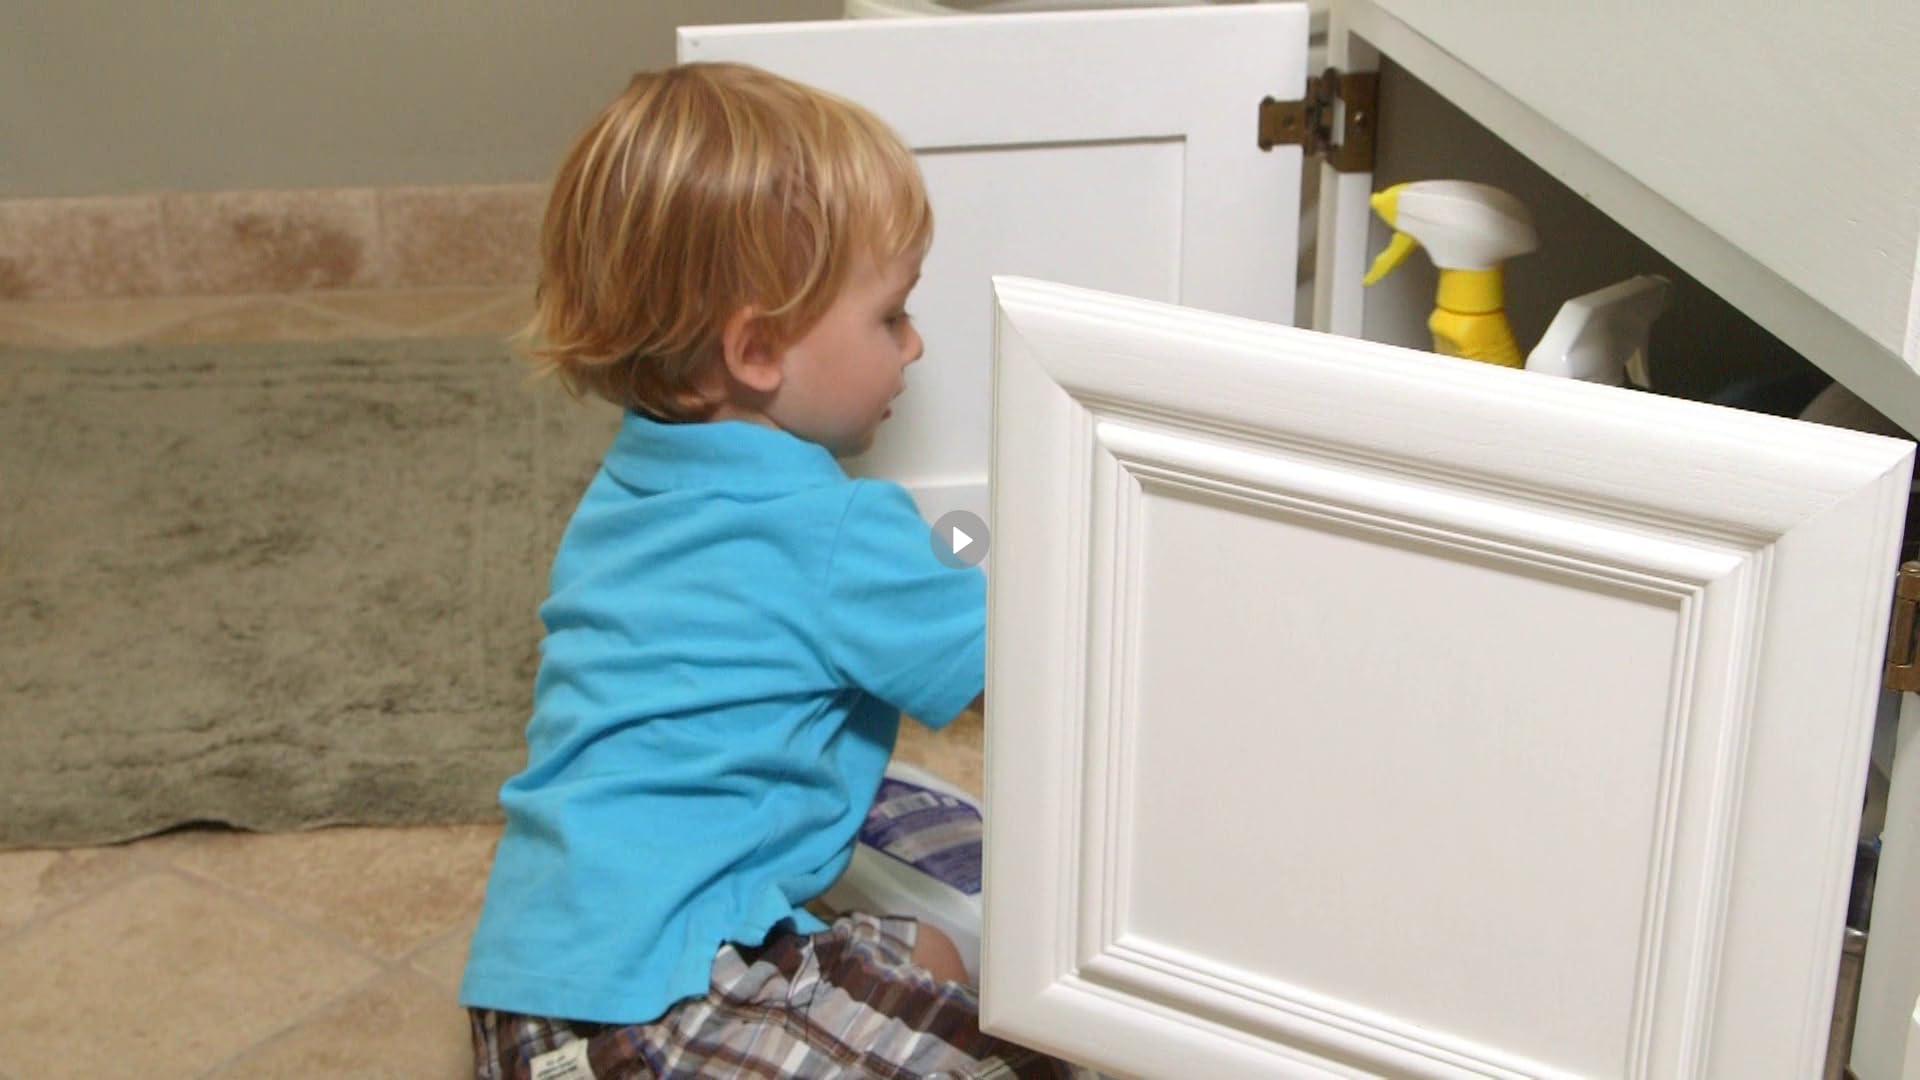 258 & Amazon.com : Door Monkey Door Lock and Pinch Guard : Childrens Home ...